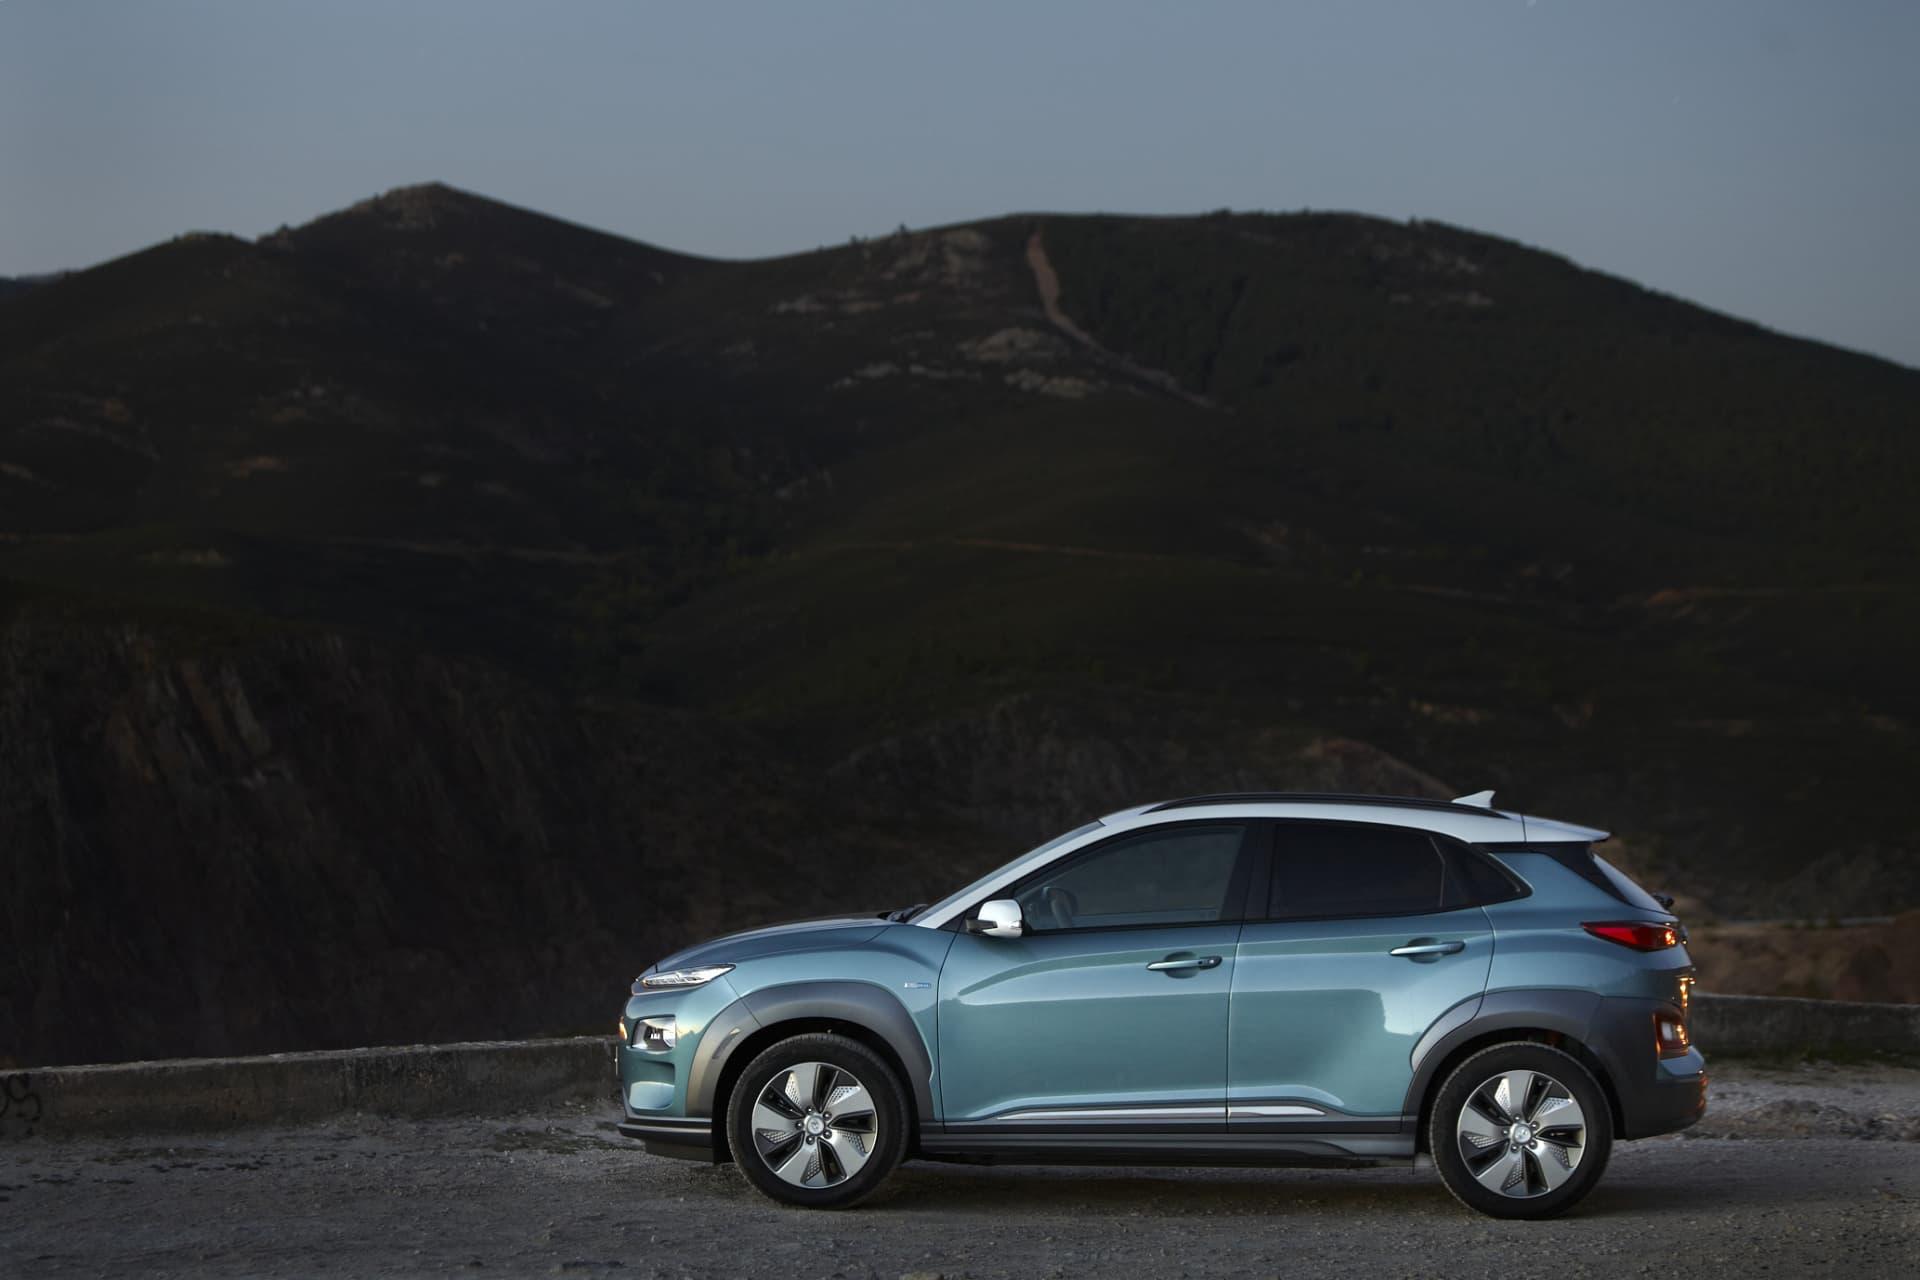 Hyundai Kona Fotos Dm 16